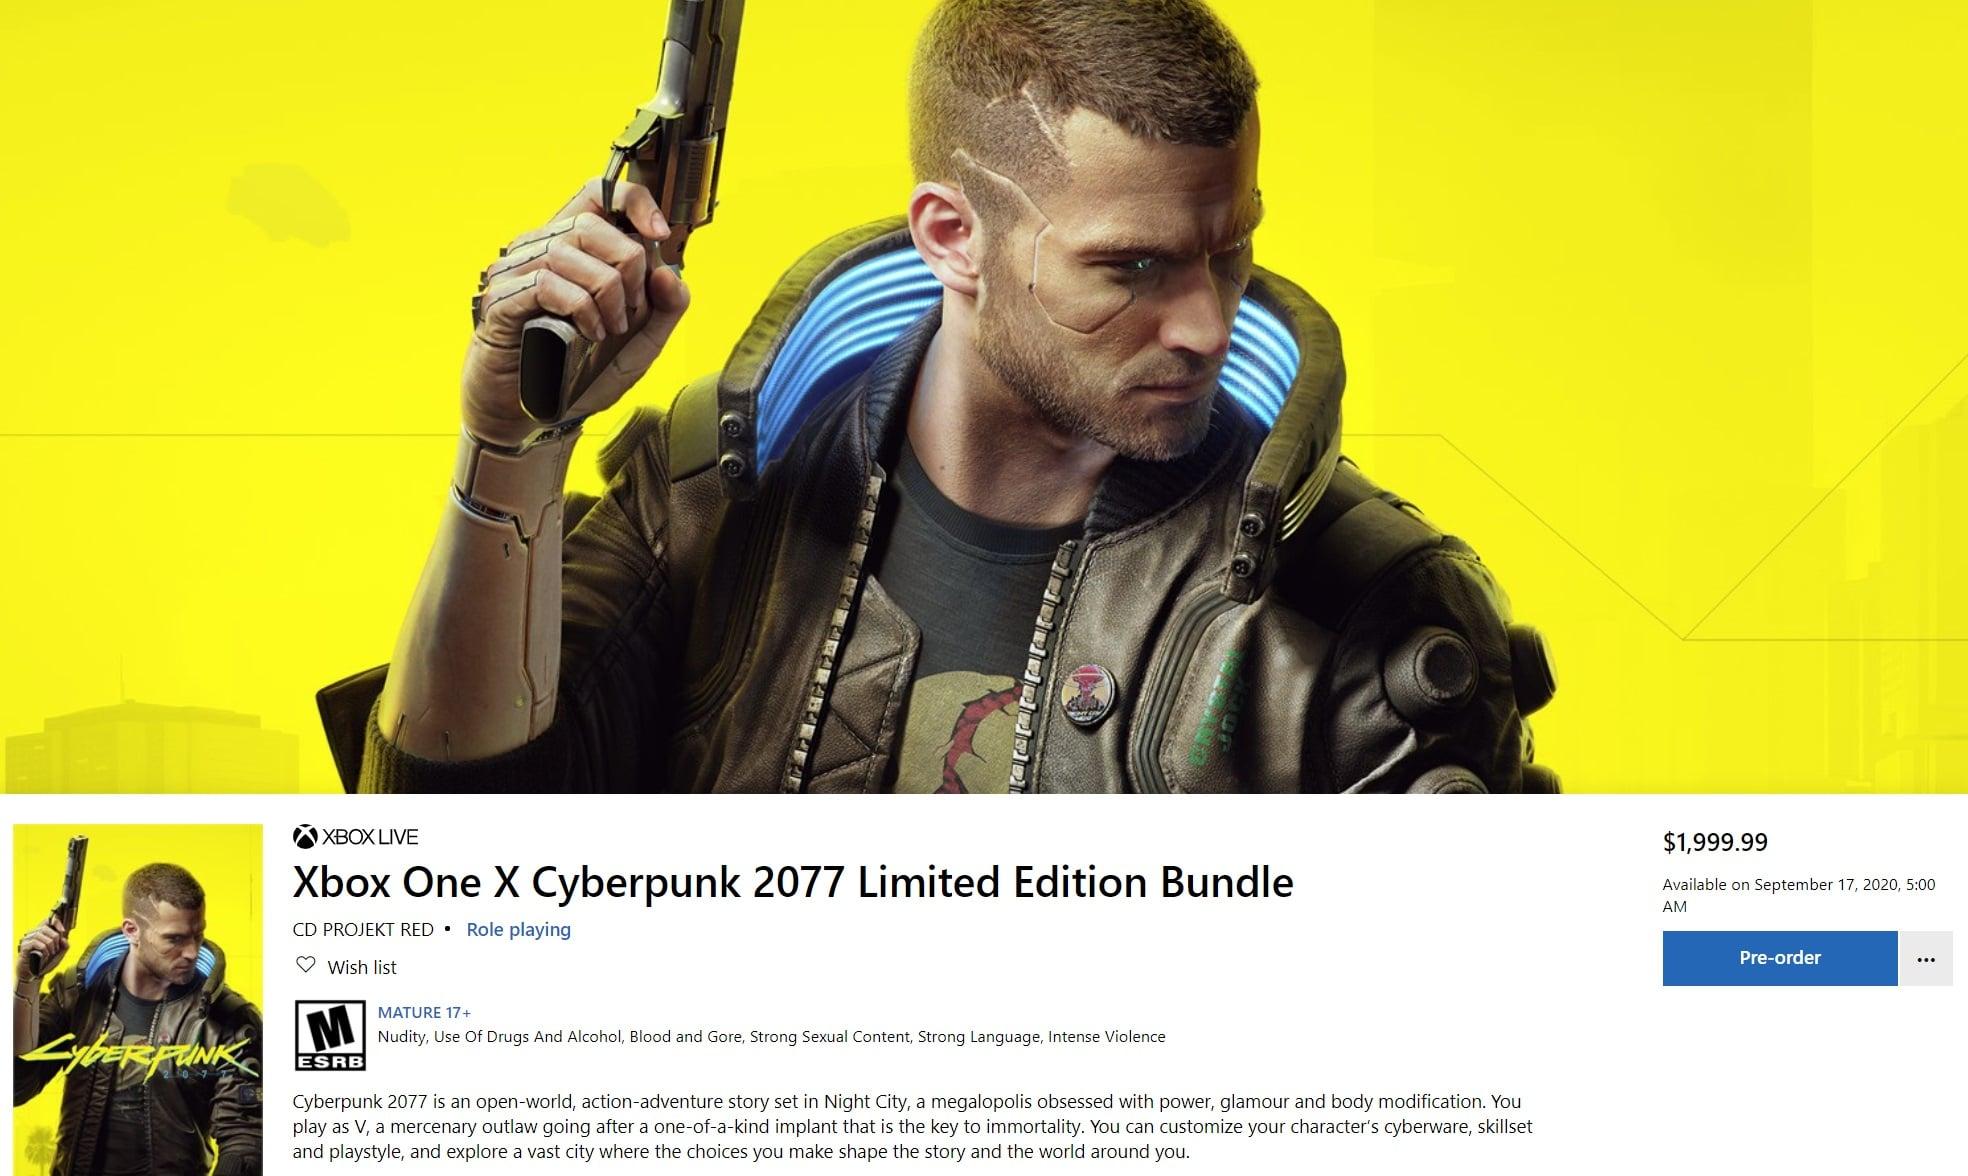 Xbox One X Cyberpunk 2077 bundle price